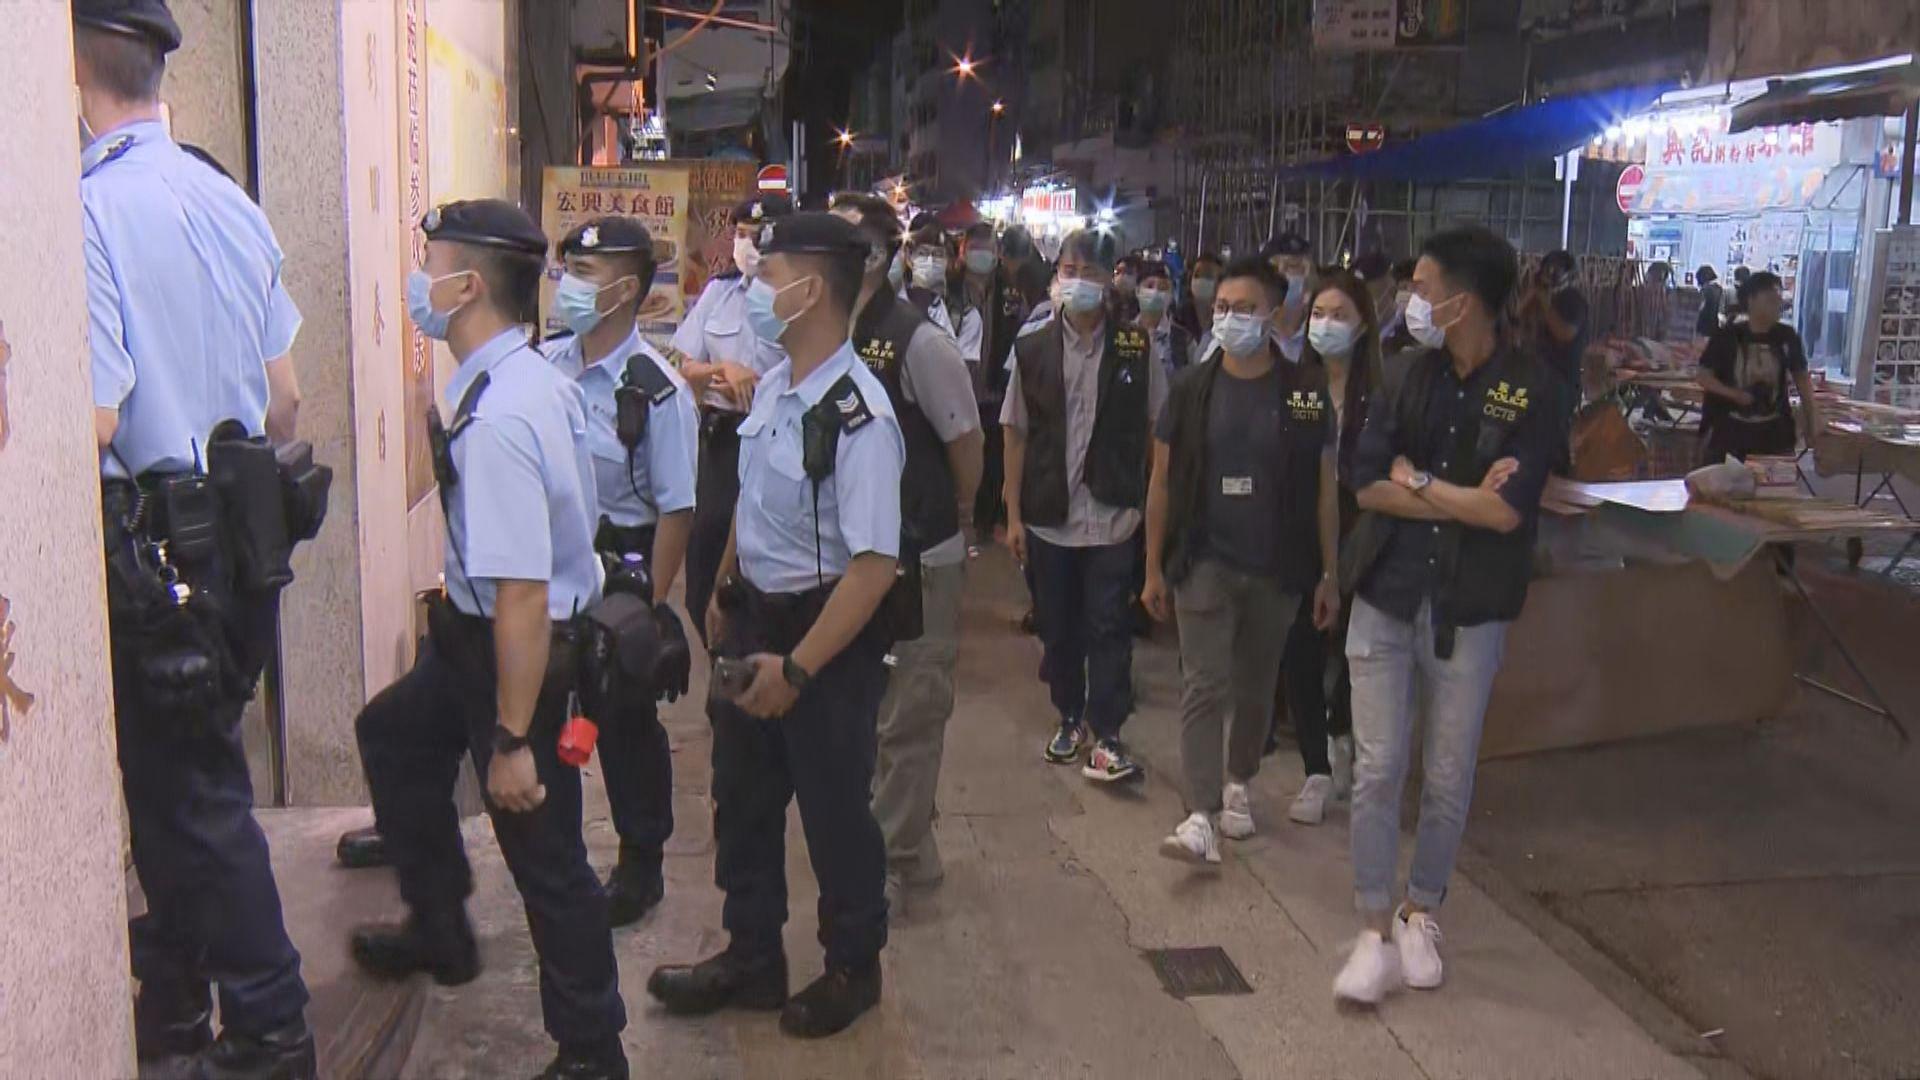 警犁庭掃穴反罪惡拘43男女